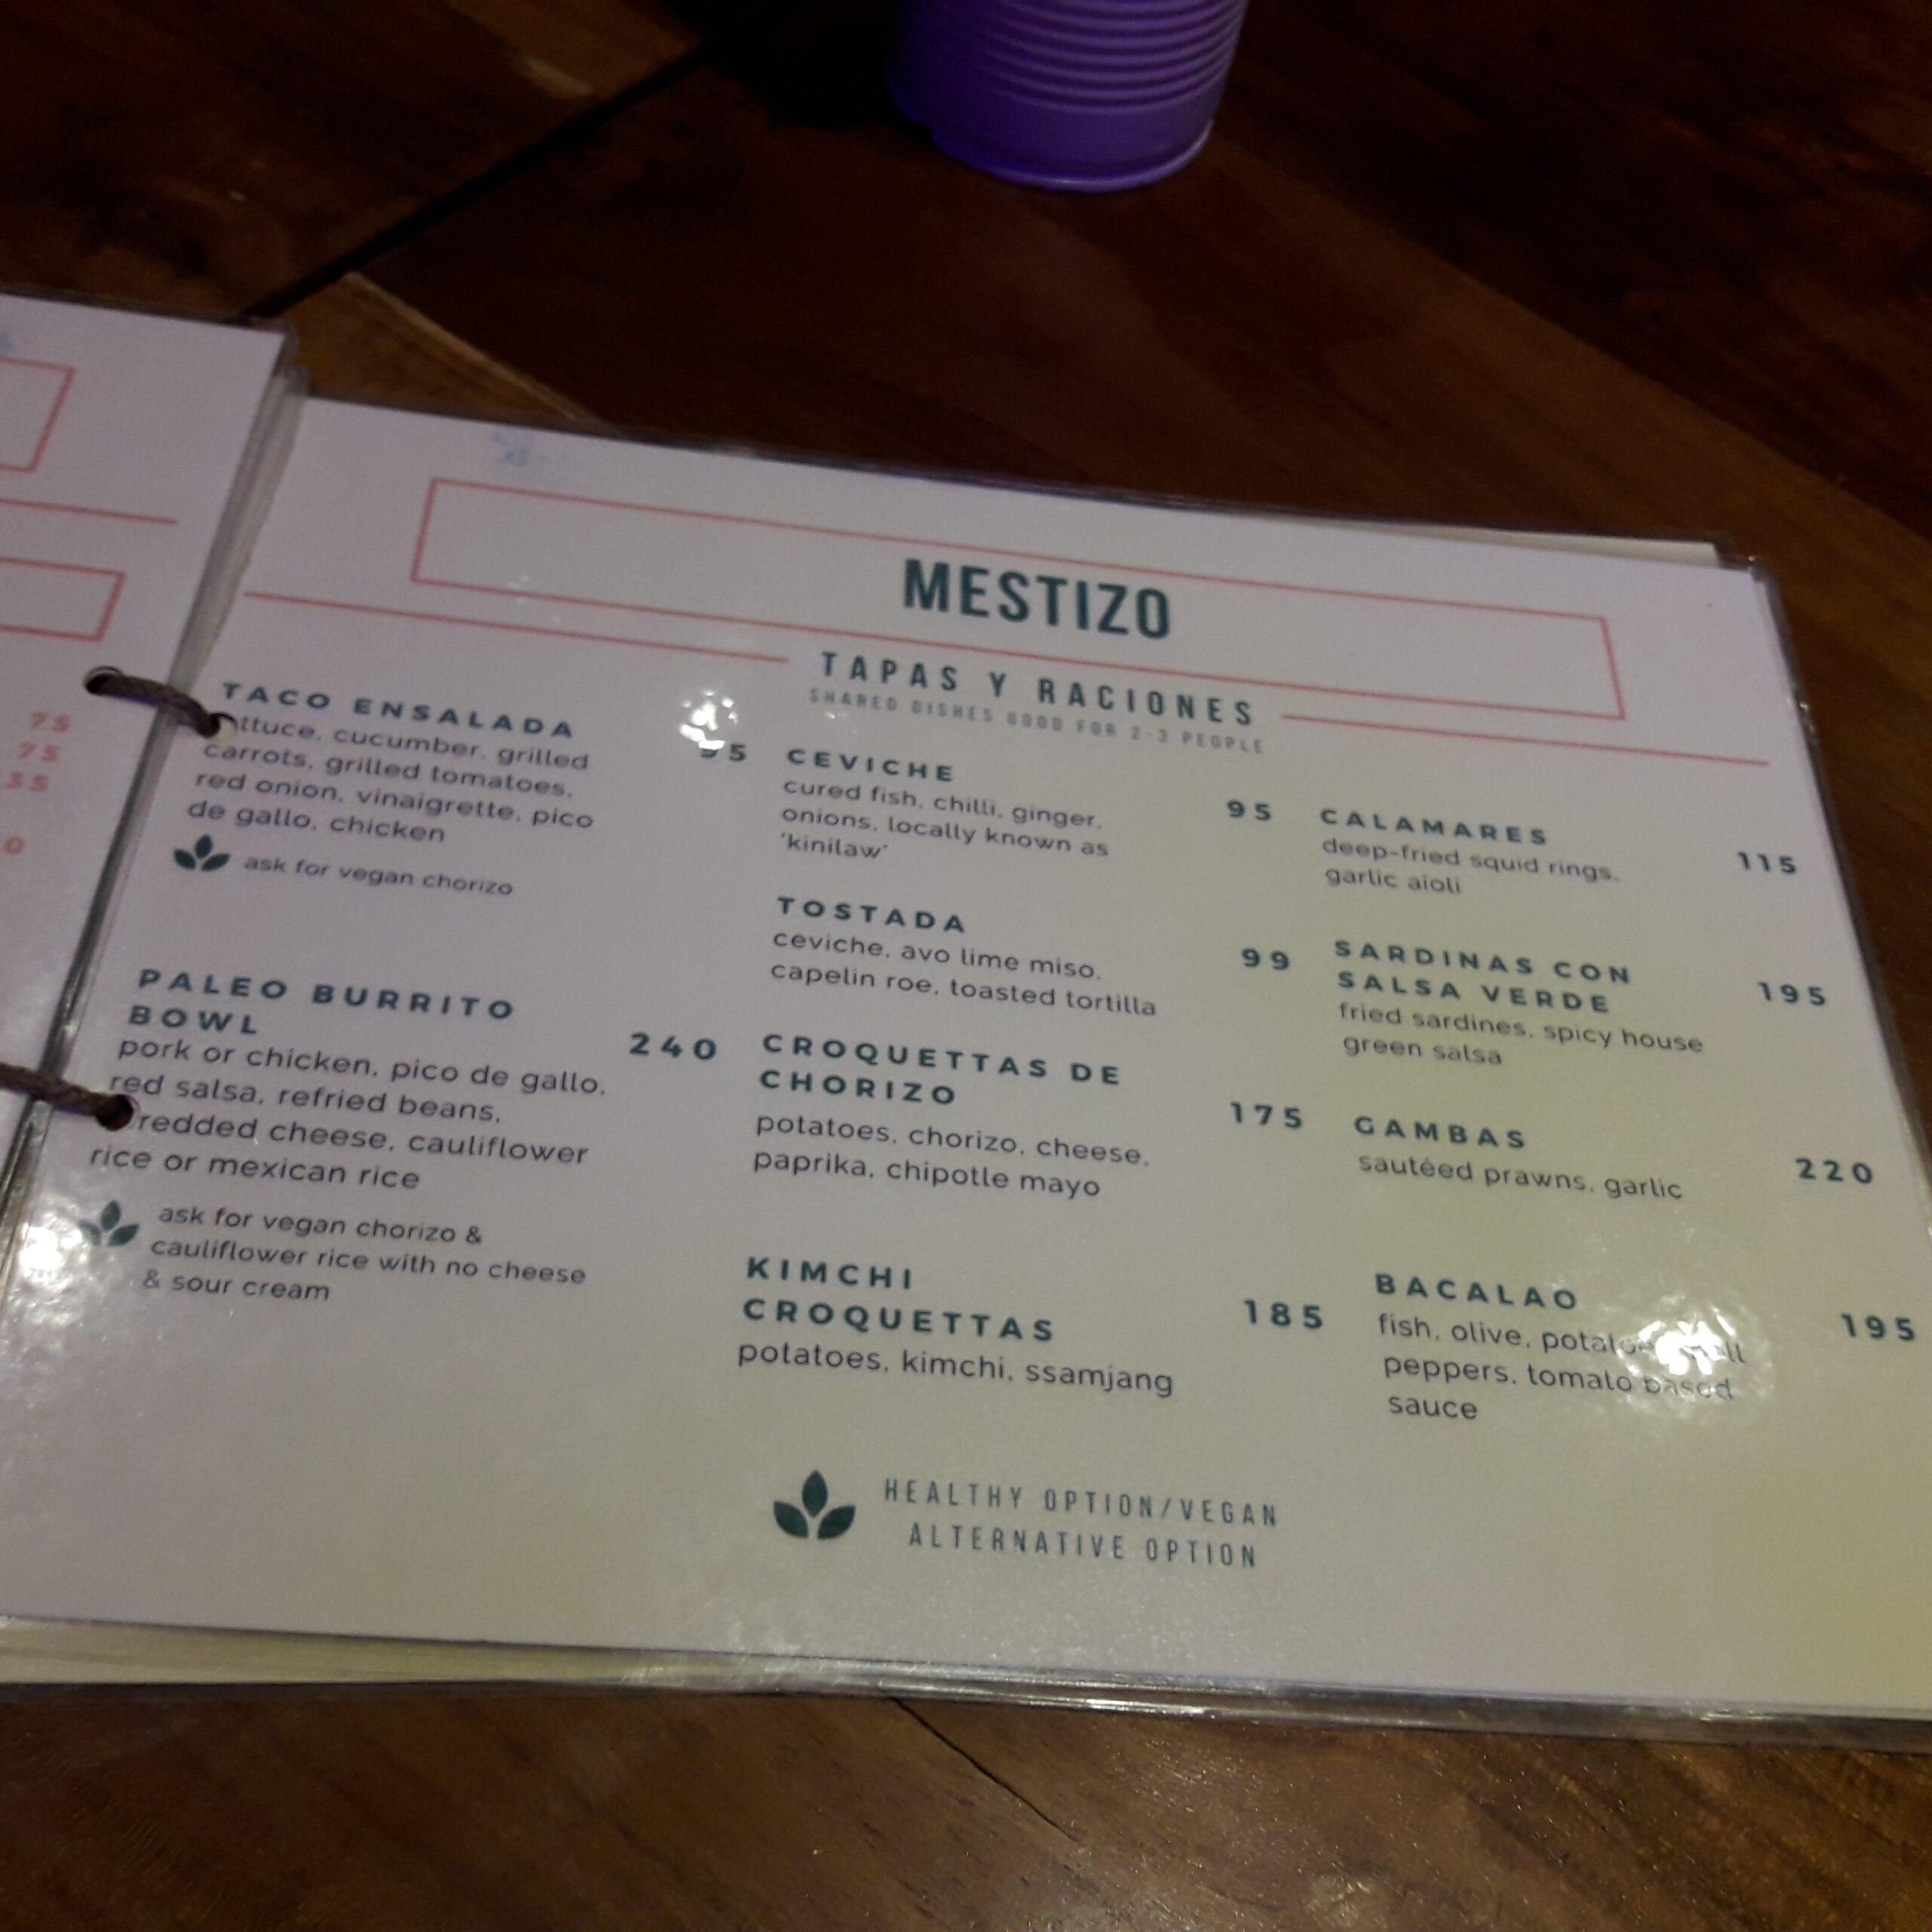 Mestizo menu tapa y raciones